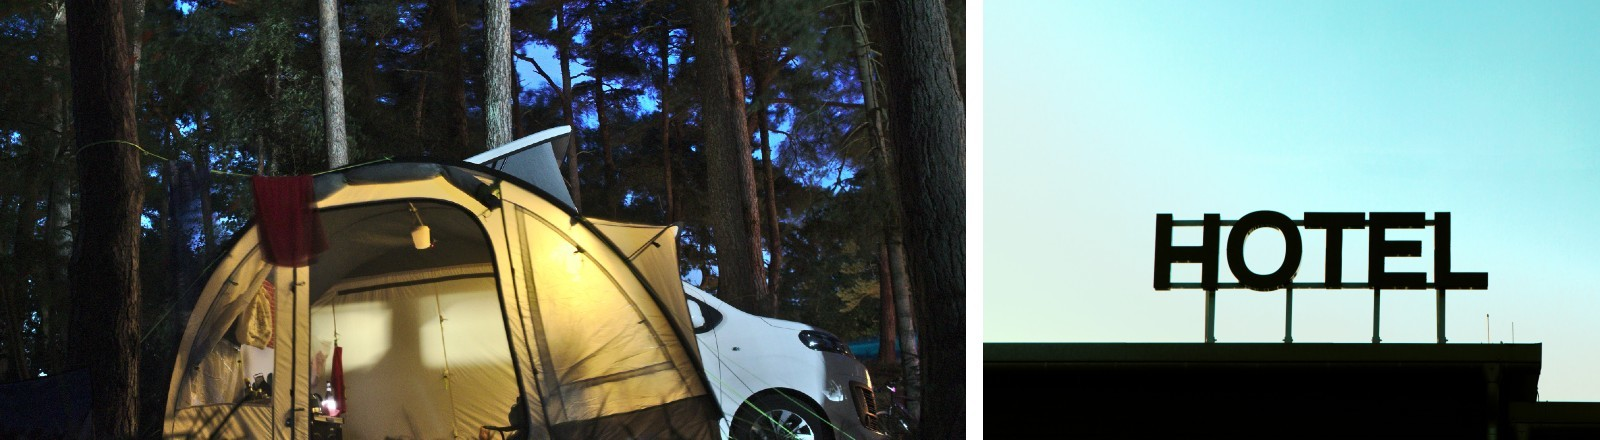 Ein Camper im Wald und ein Hotelschild vorm blauen Himmel.